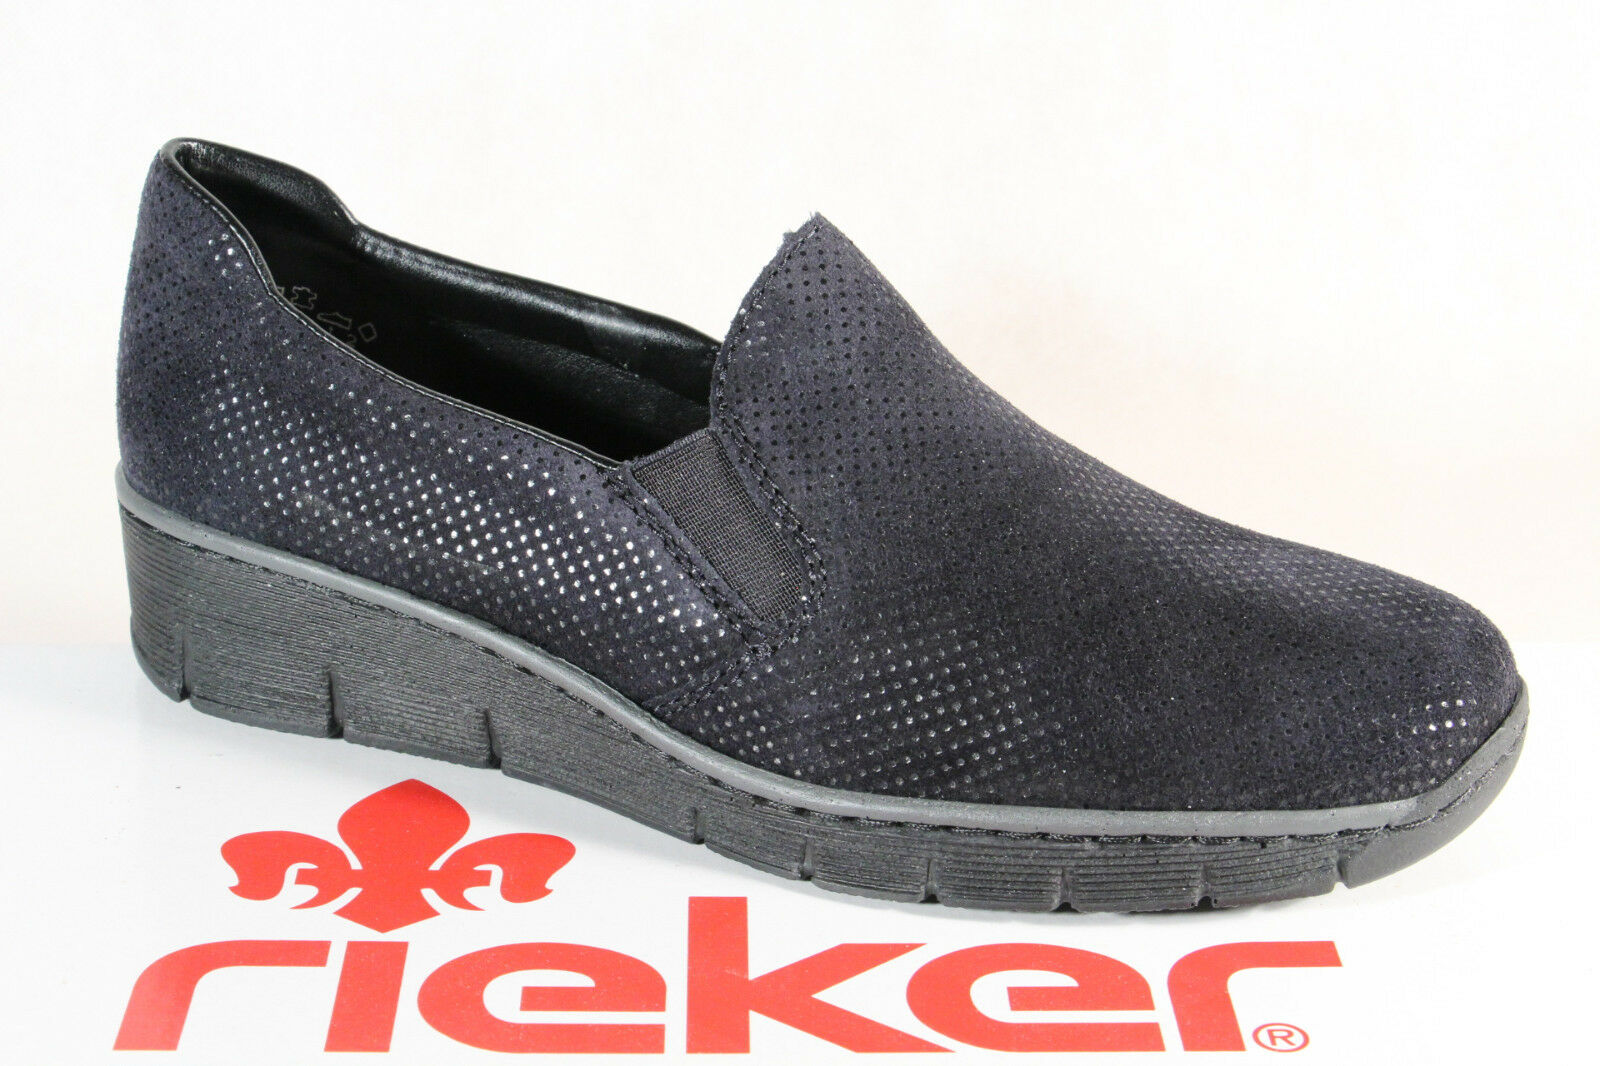 Rieker 53766 53766 53766 Mocasines Zapatilla de Deporte Bajas Calzado Deportivo Bailarina  primera reputación de los clientes primero